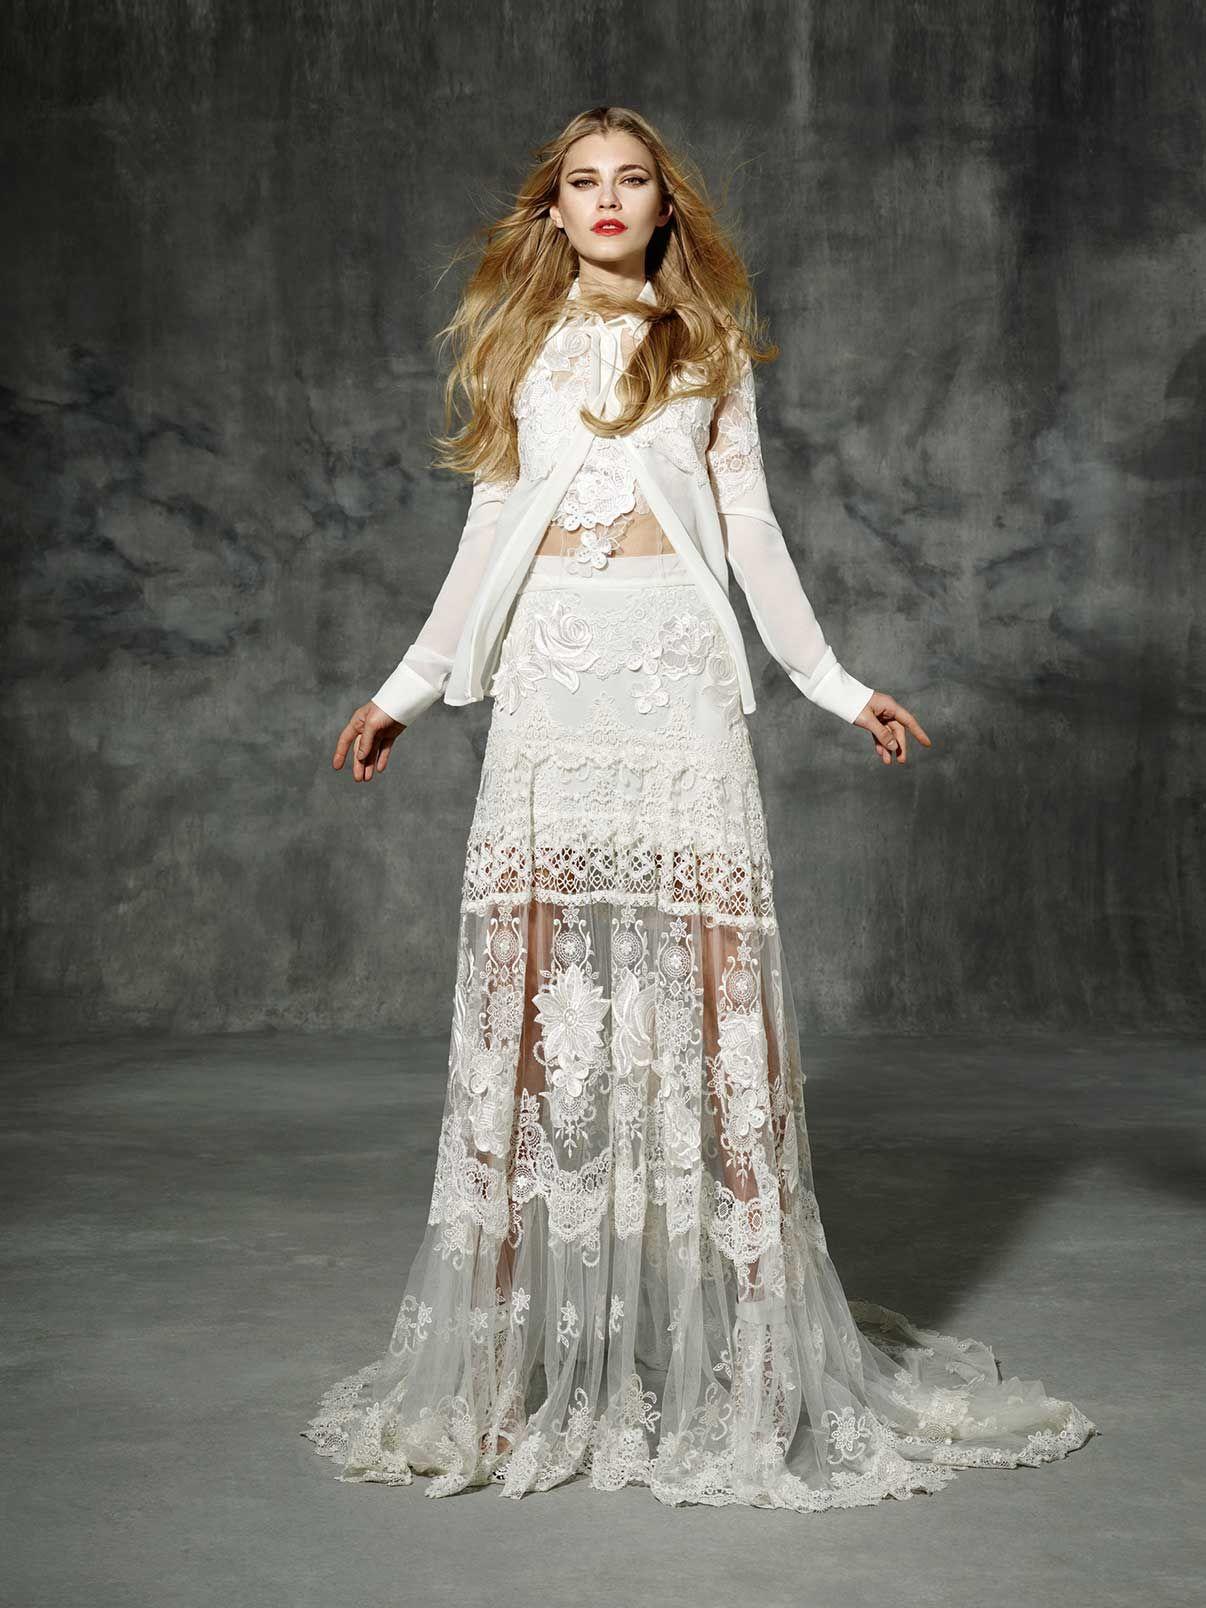 Provenza Yolancris Boho Folk Dress Barcelona 2016 Chic Novia Vestido Bride Wedding Gowns Bohemian Art Craft Differences Originals